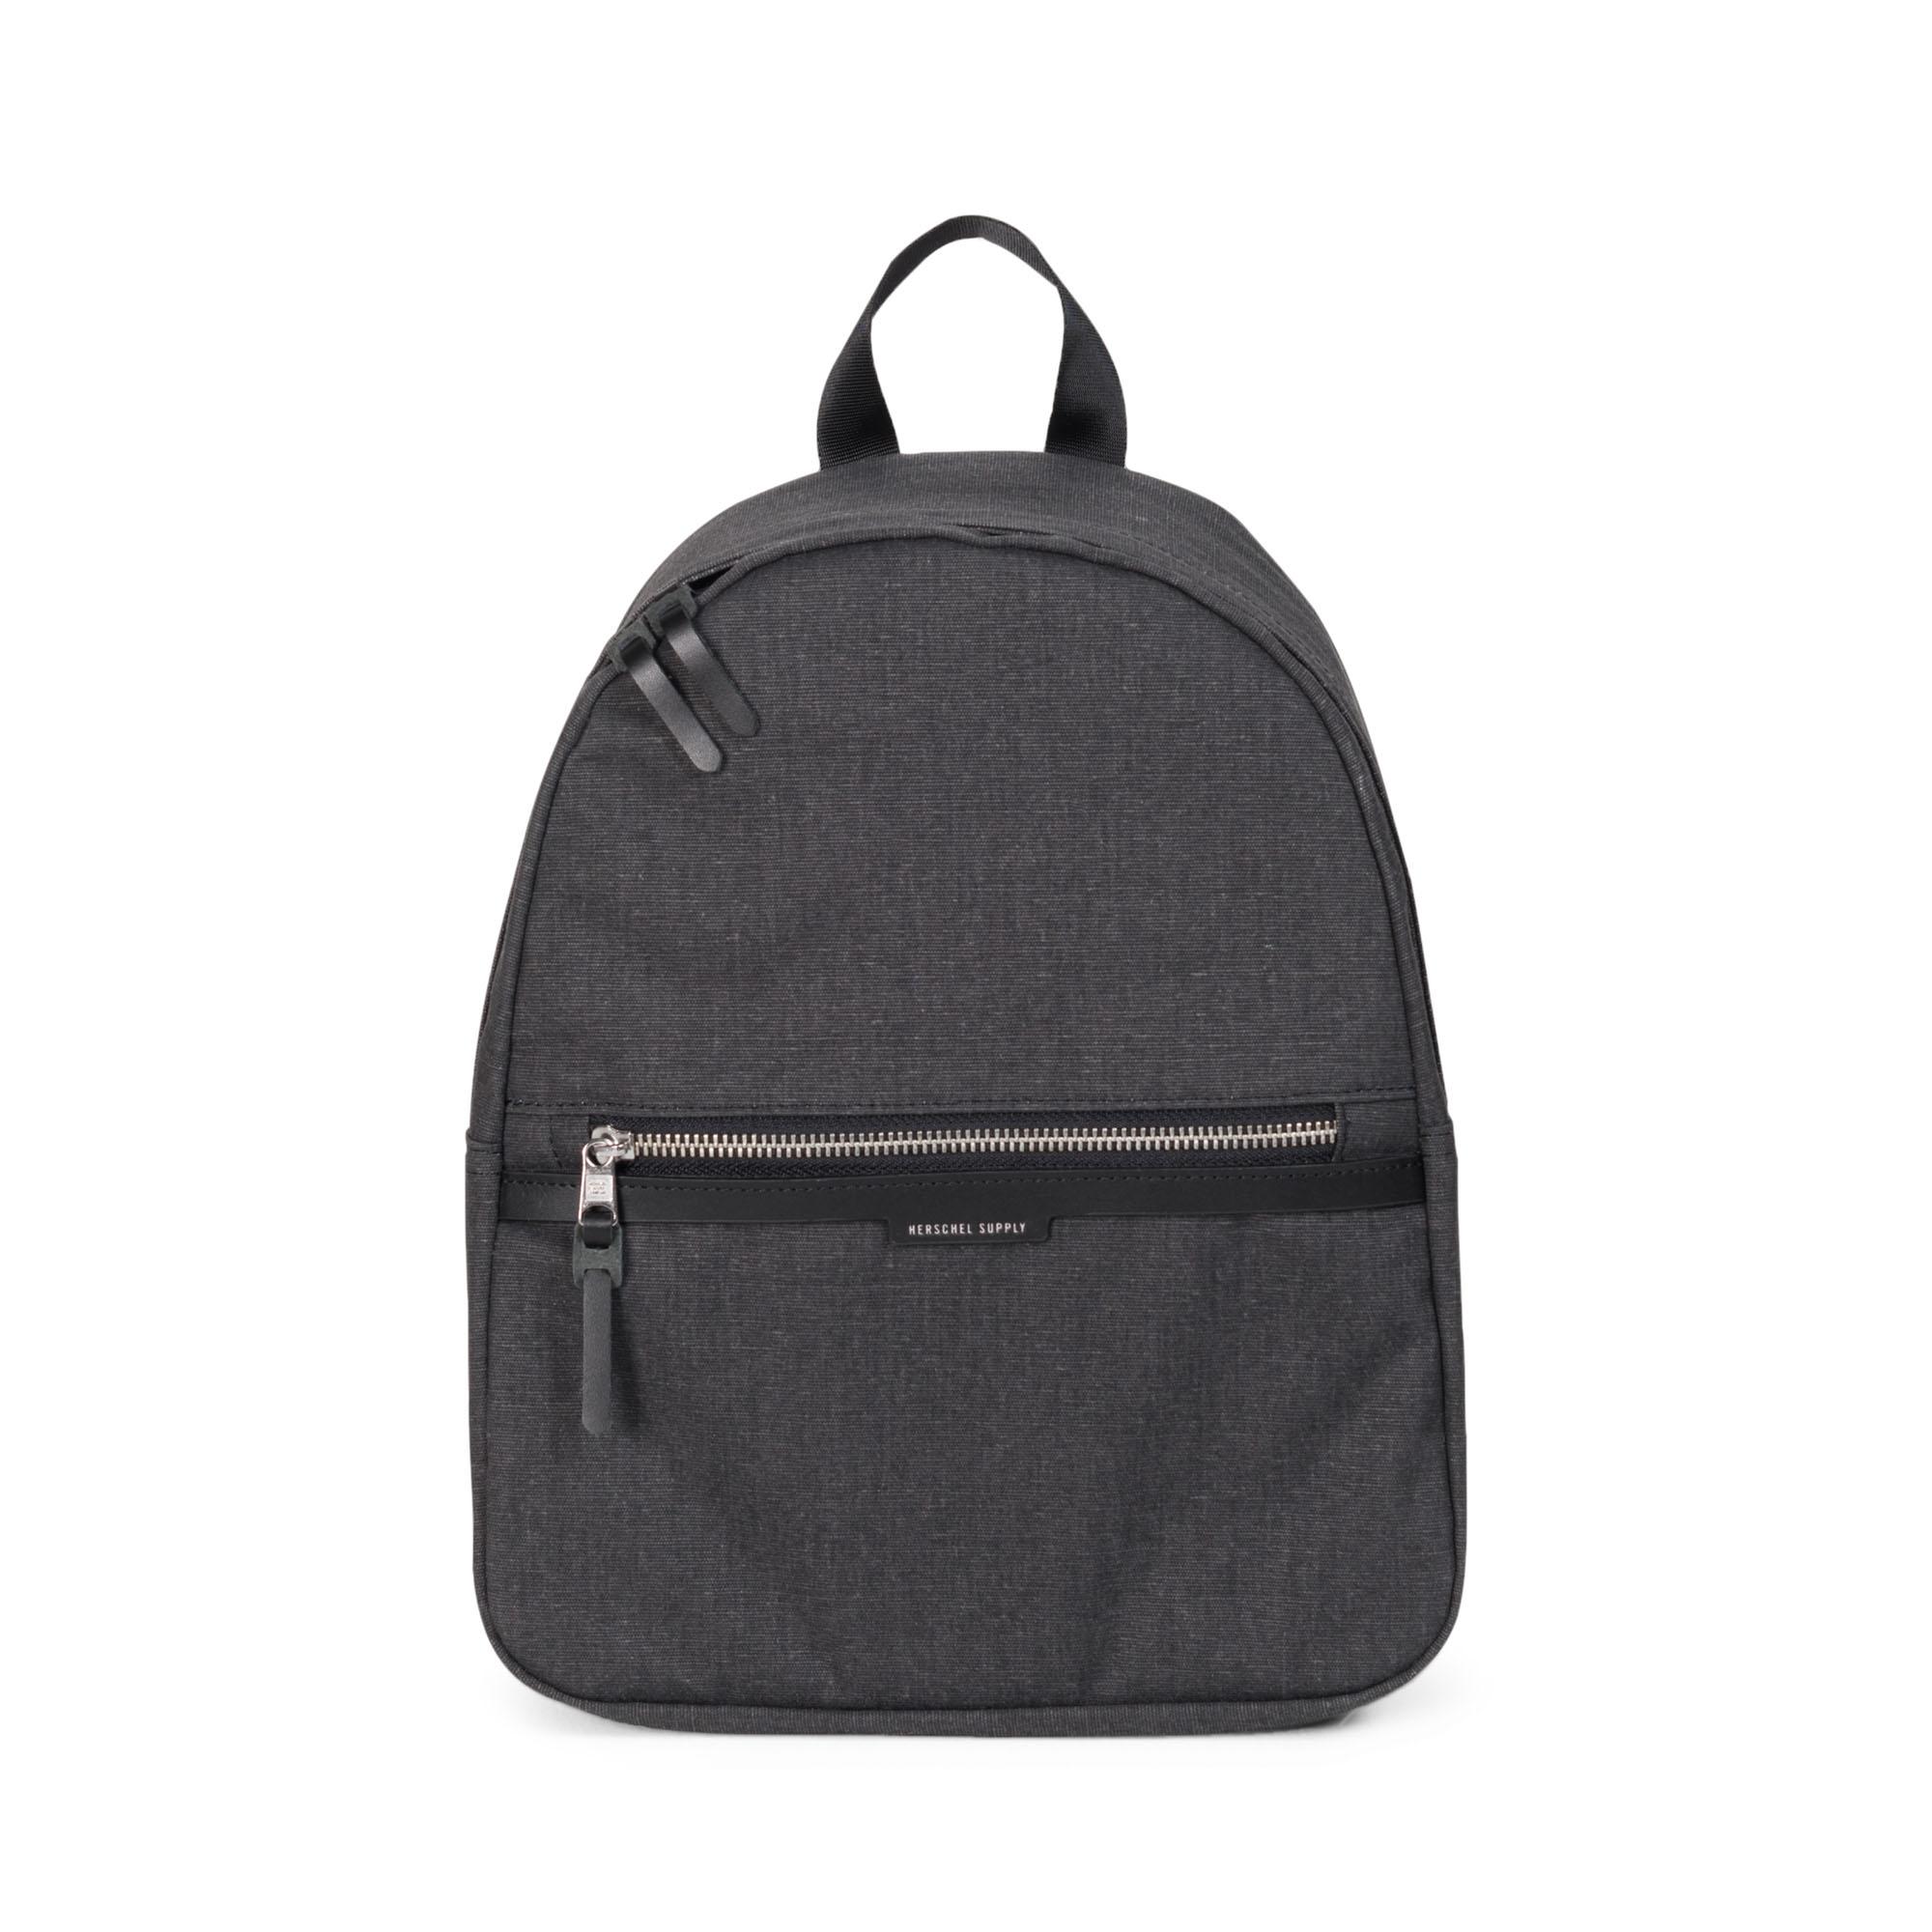 7ff9de371a7 Town Backpack XS